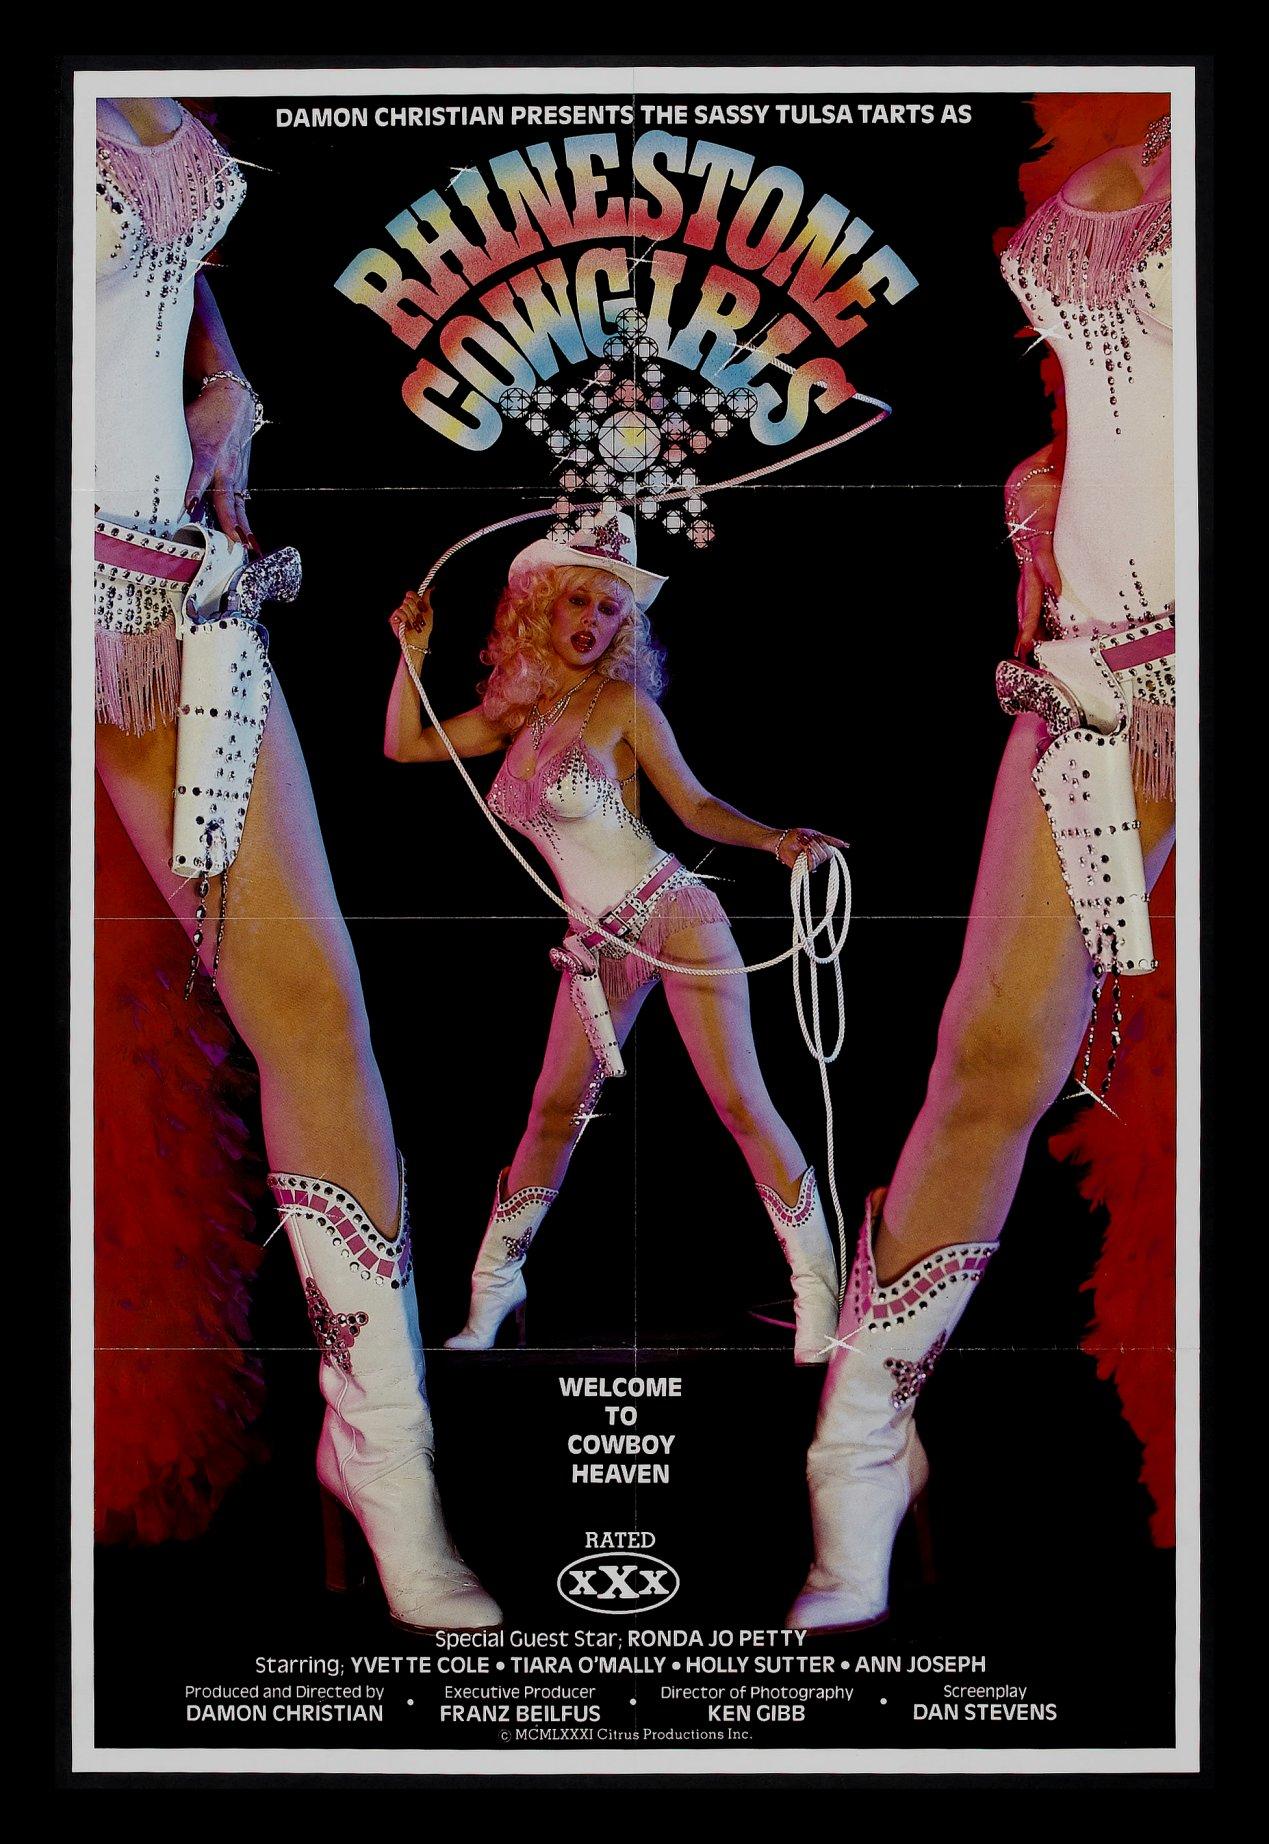 Cowgirls / Rhinestone Cowgirls 1981 скачать / смотреть онлайн.